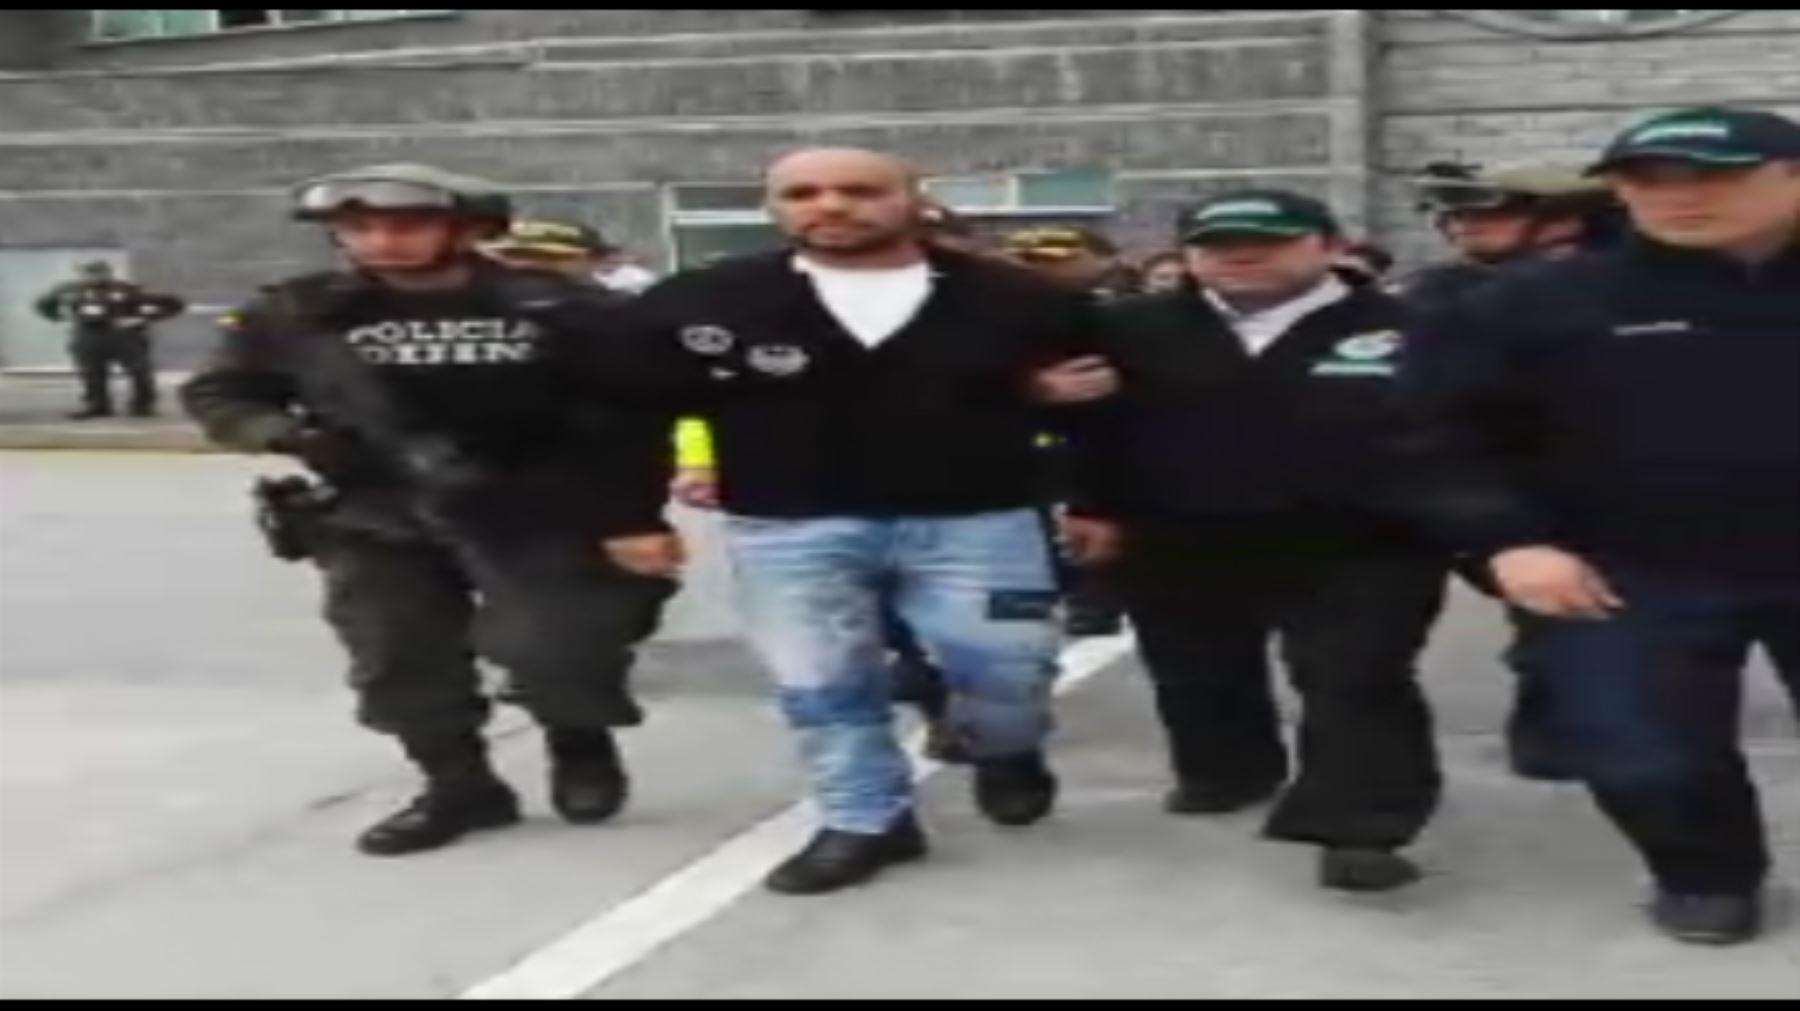 """Gerson Gálvez Calle, """"Caracol"""", sindicado cabecilla de la banda """"Barrio King"""" dedicada a la extorsión, robo agravado, tráfico ilícito de drogas y sicariato en Lima y Callao. Captura TV"""